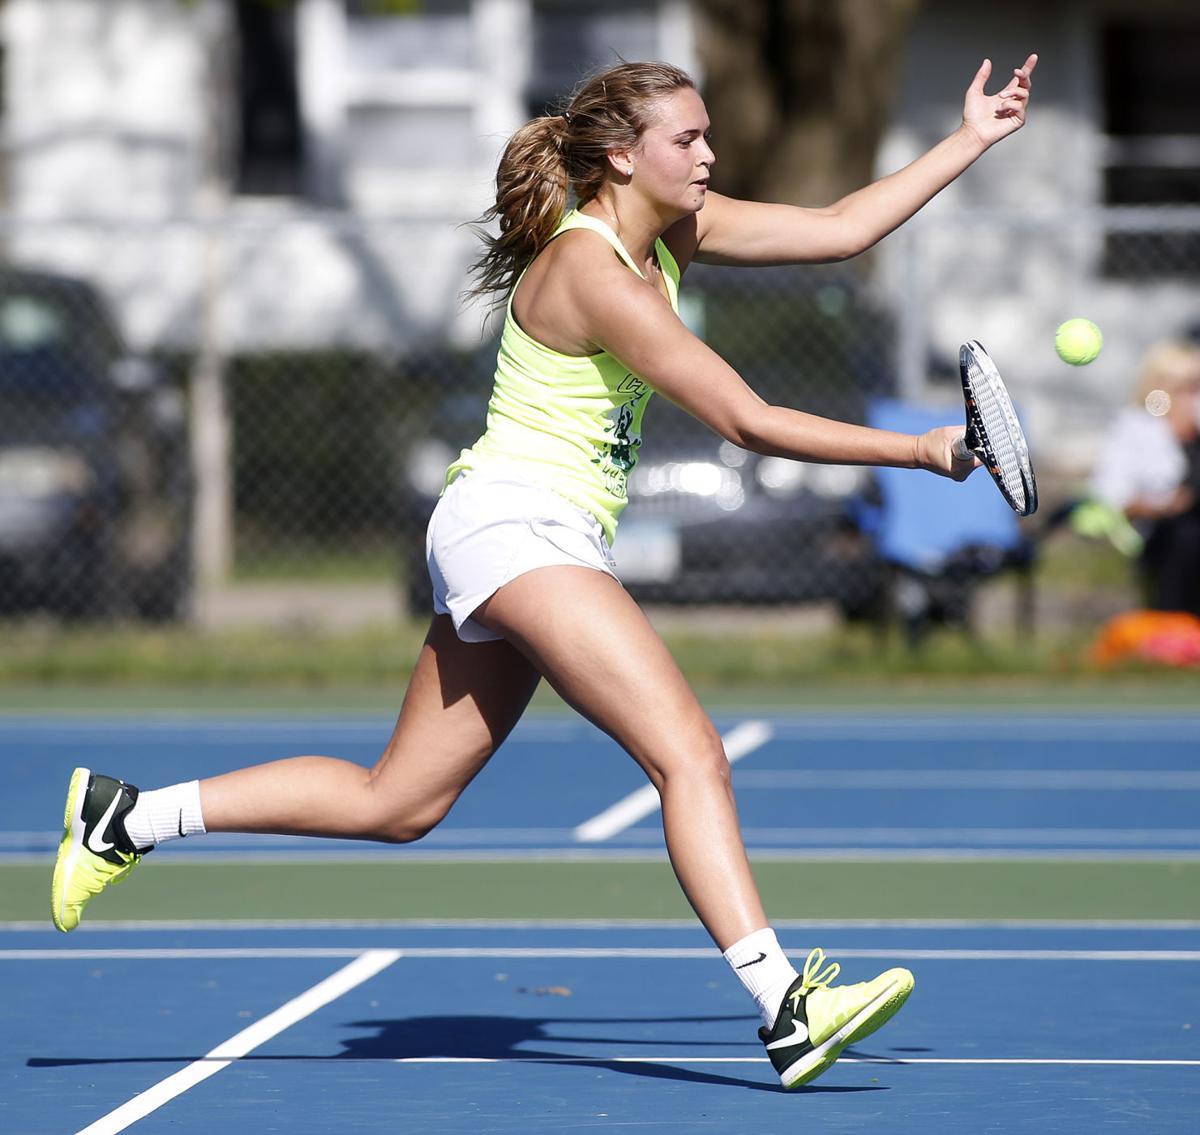 050217bp-columbus-girls-tennis-1